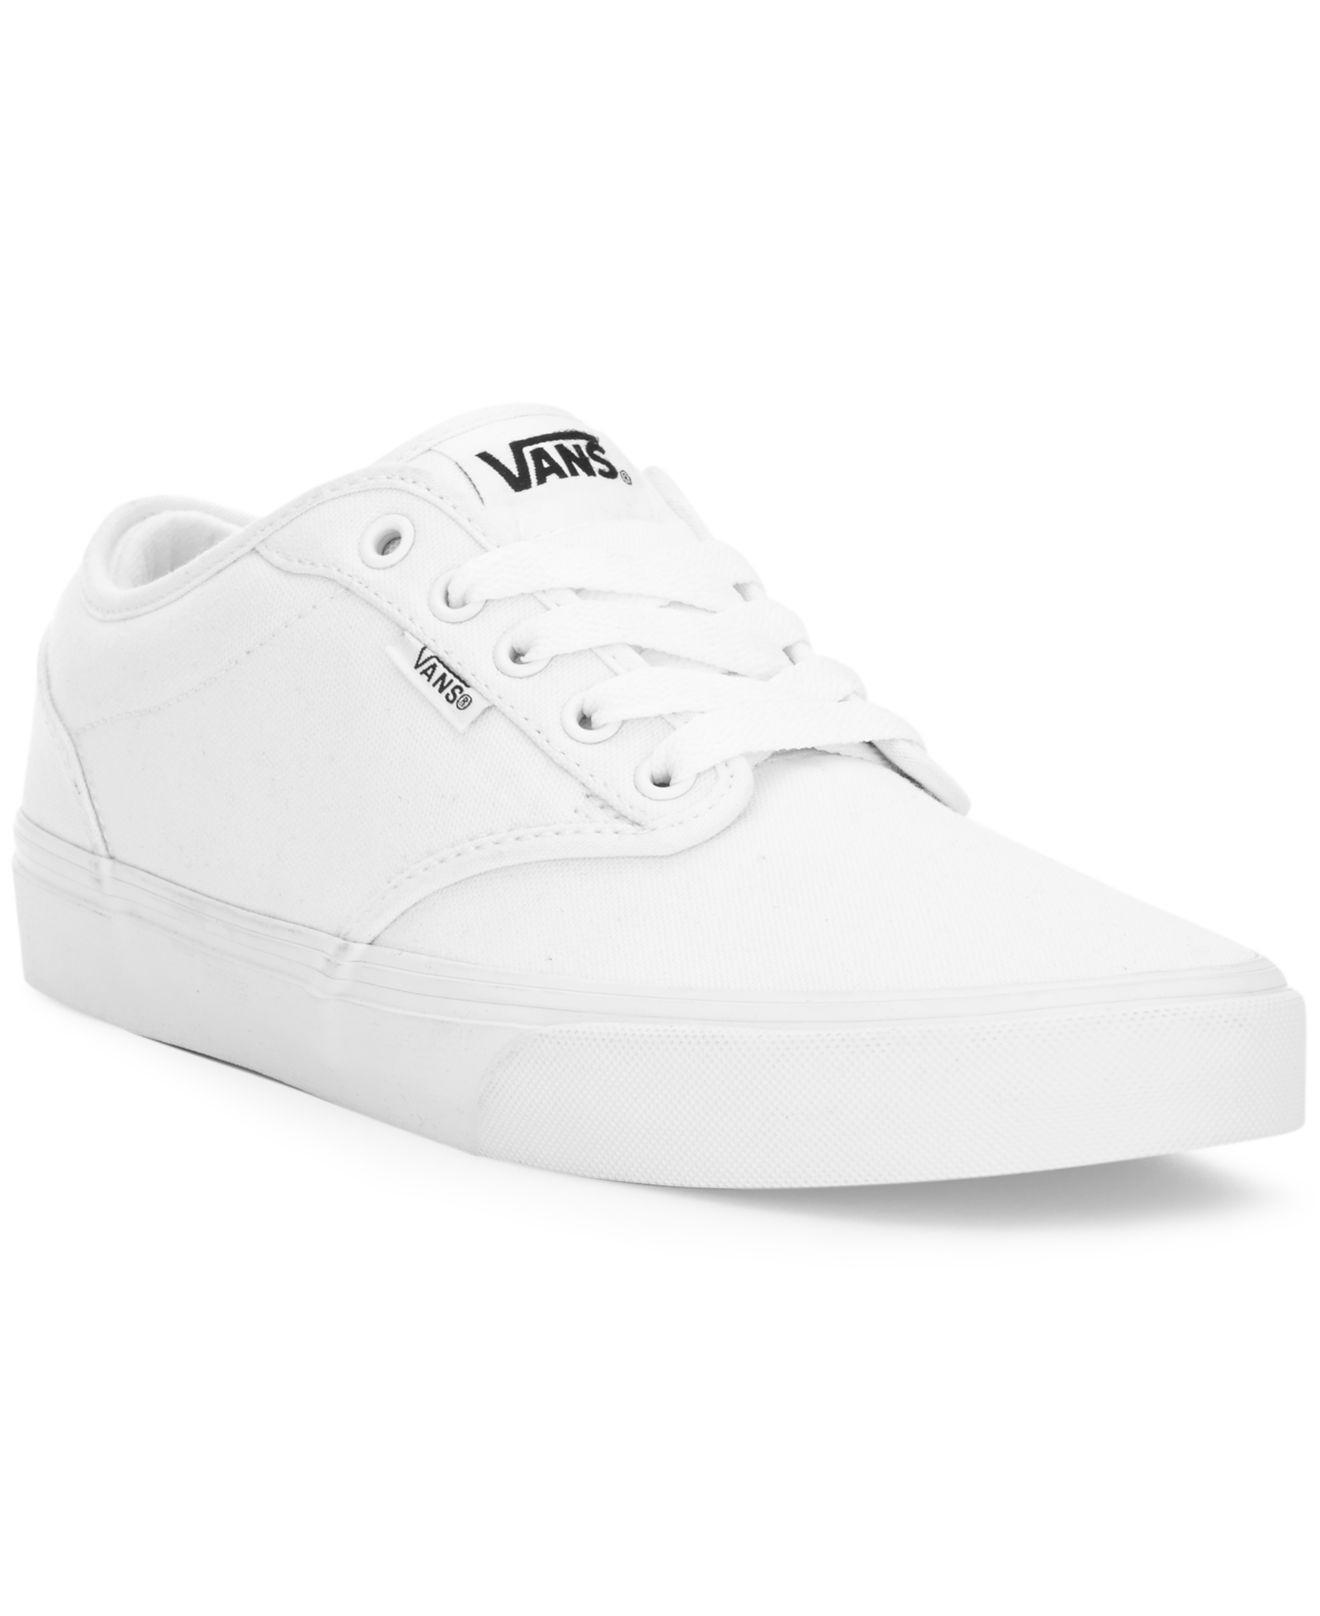 Men's Vans Atwood sneakers